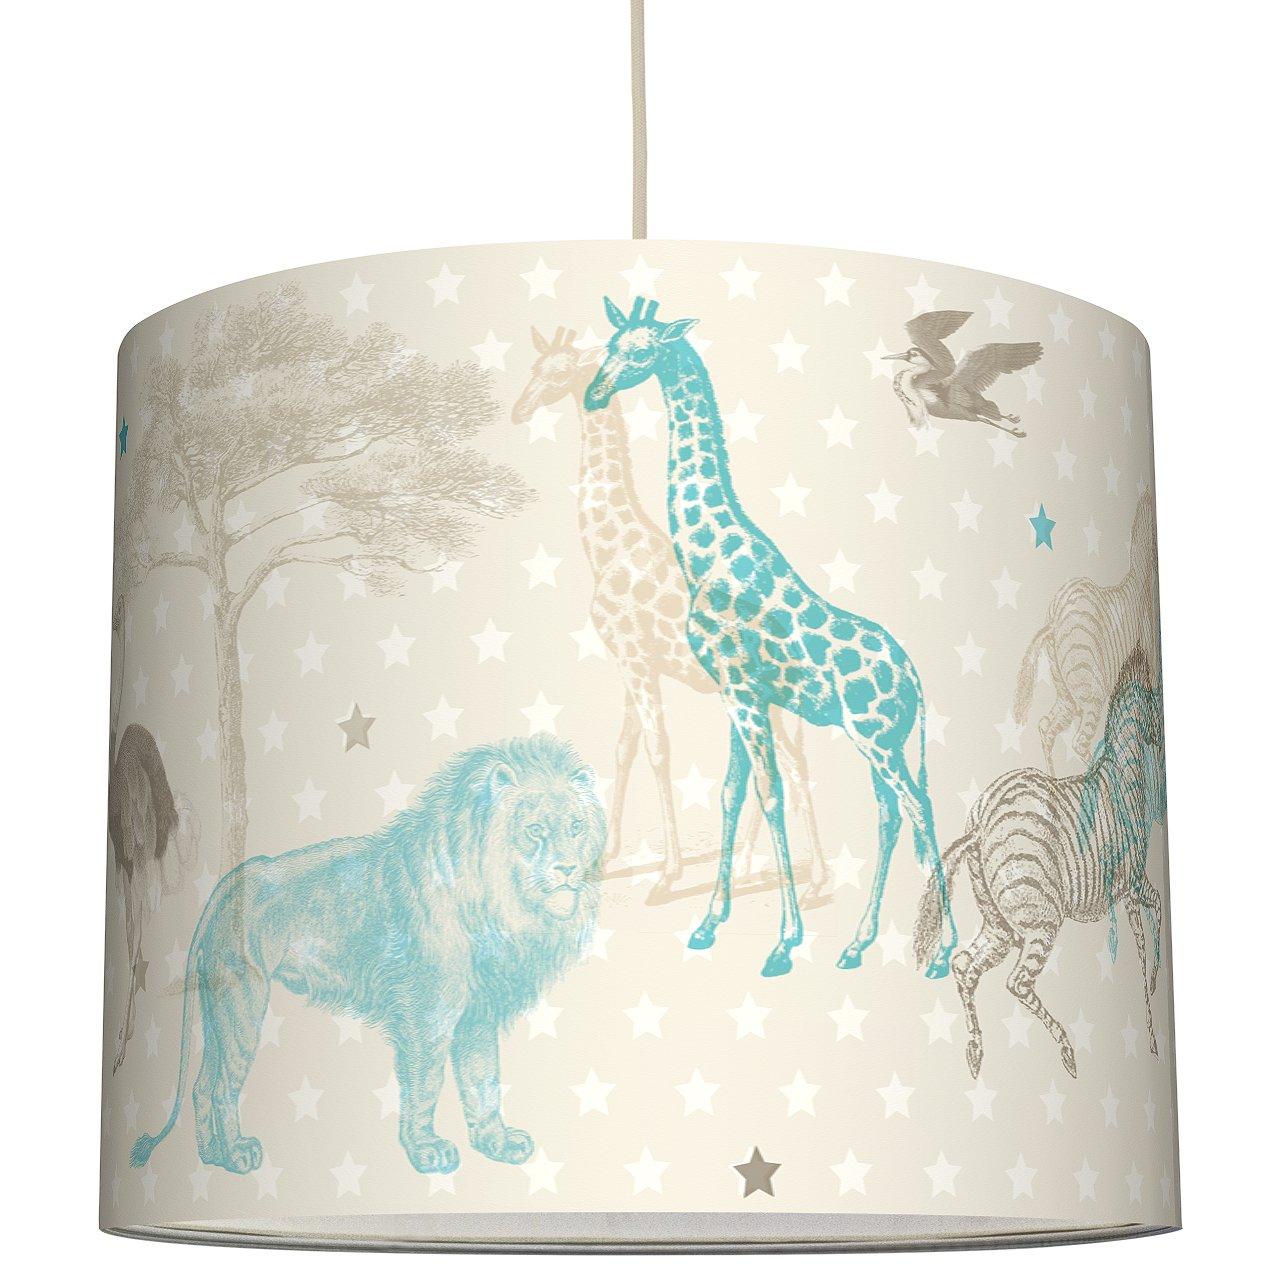 Anna wand Lampenschirm AFRICAN ANIMALS – Schirm für Kinder Baby Lampe mit Tieren der Steppe in versch. Farben – Sanftes Licht für Tisch-, Steh- & Hängelampe im Kinderzimmer Mädchen & Junge